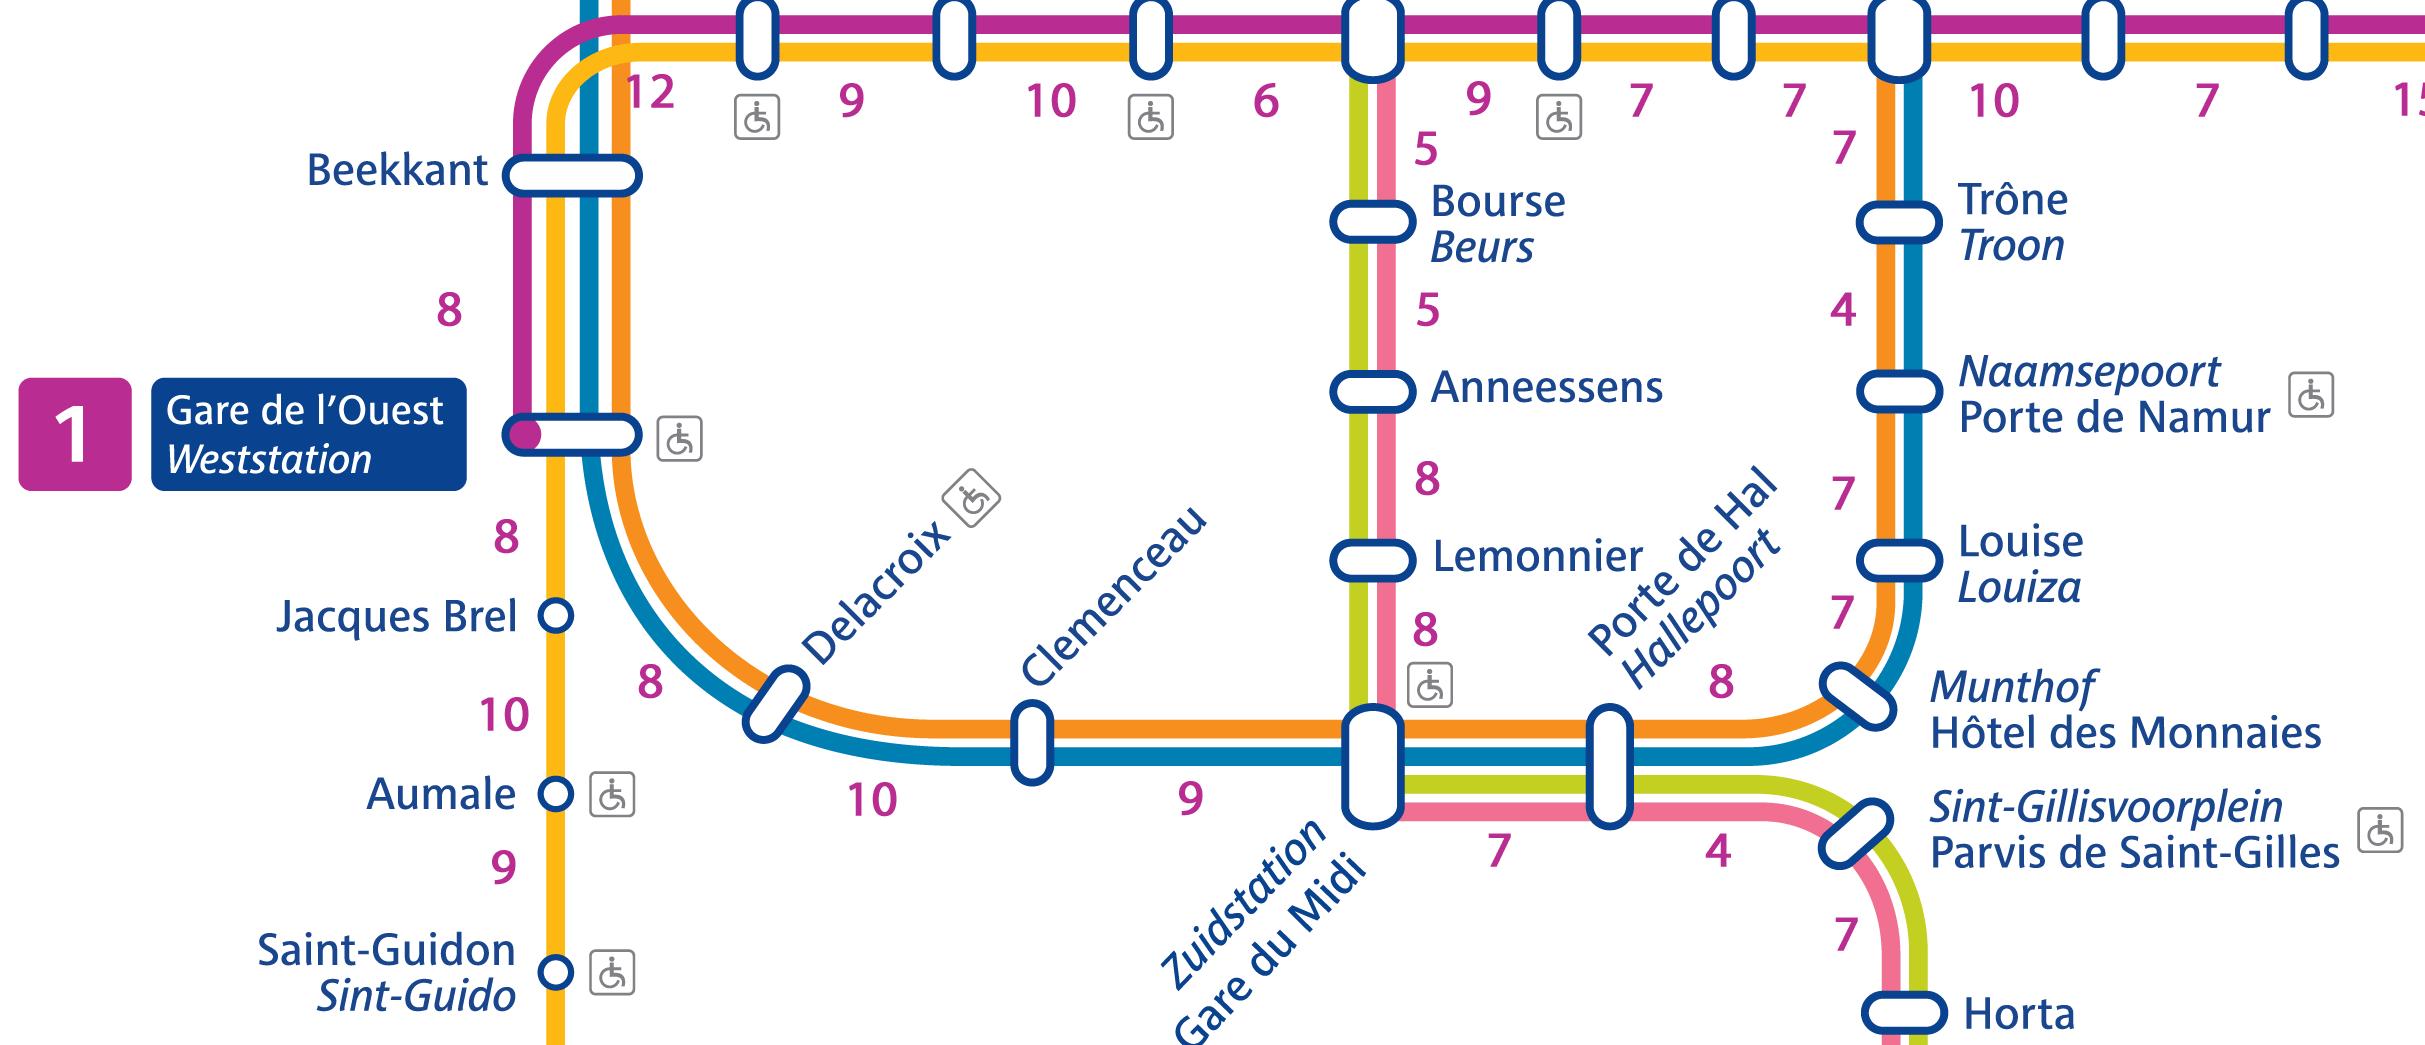 La carte du métro bruxellois en temps de marche